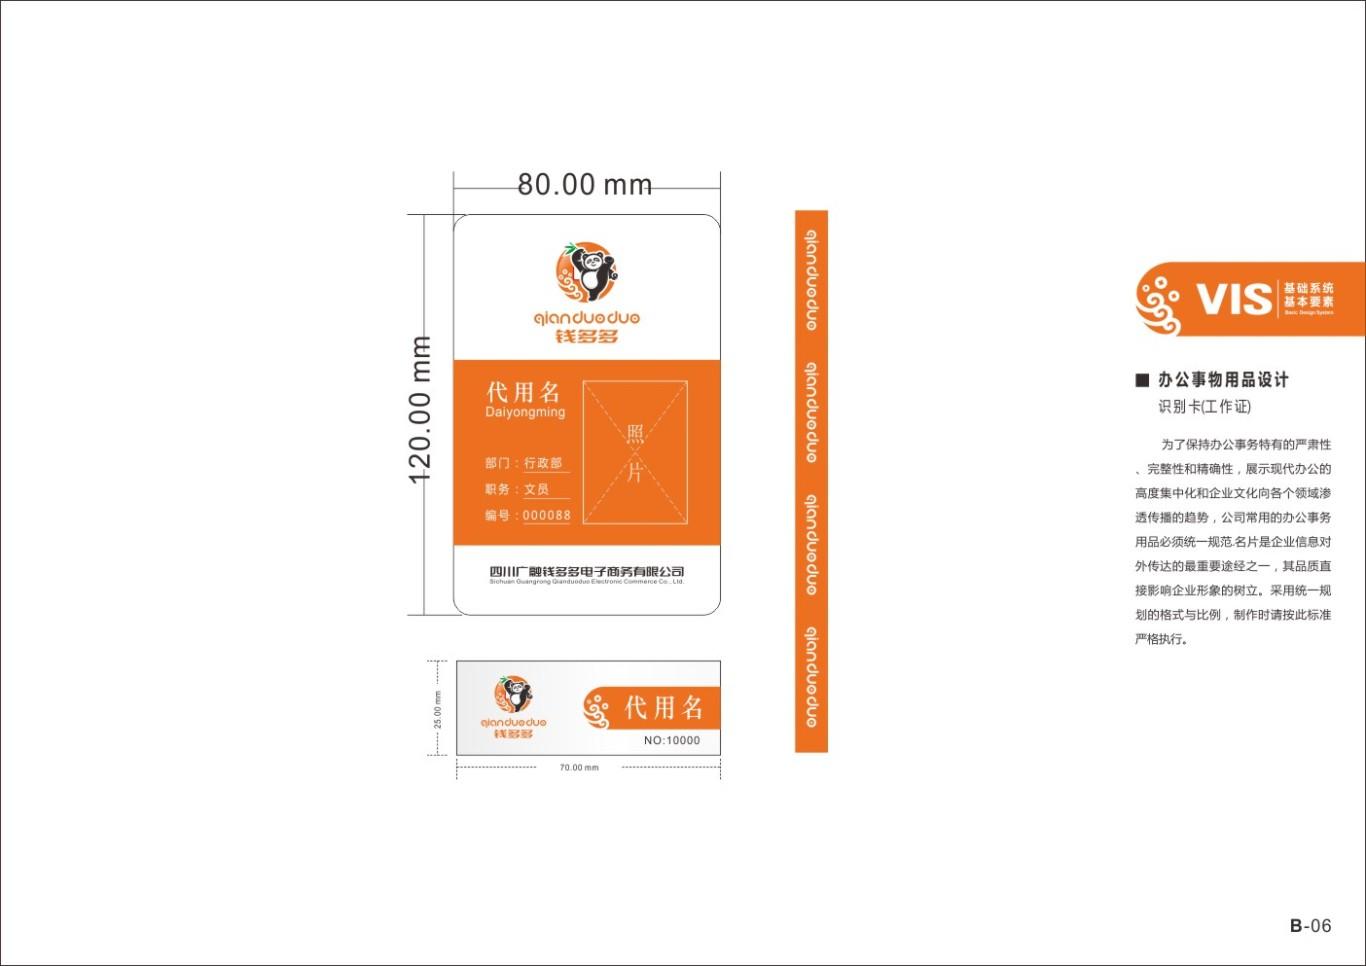 四川广融钱多多品牌及VI形象设计图22